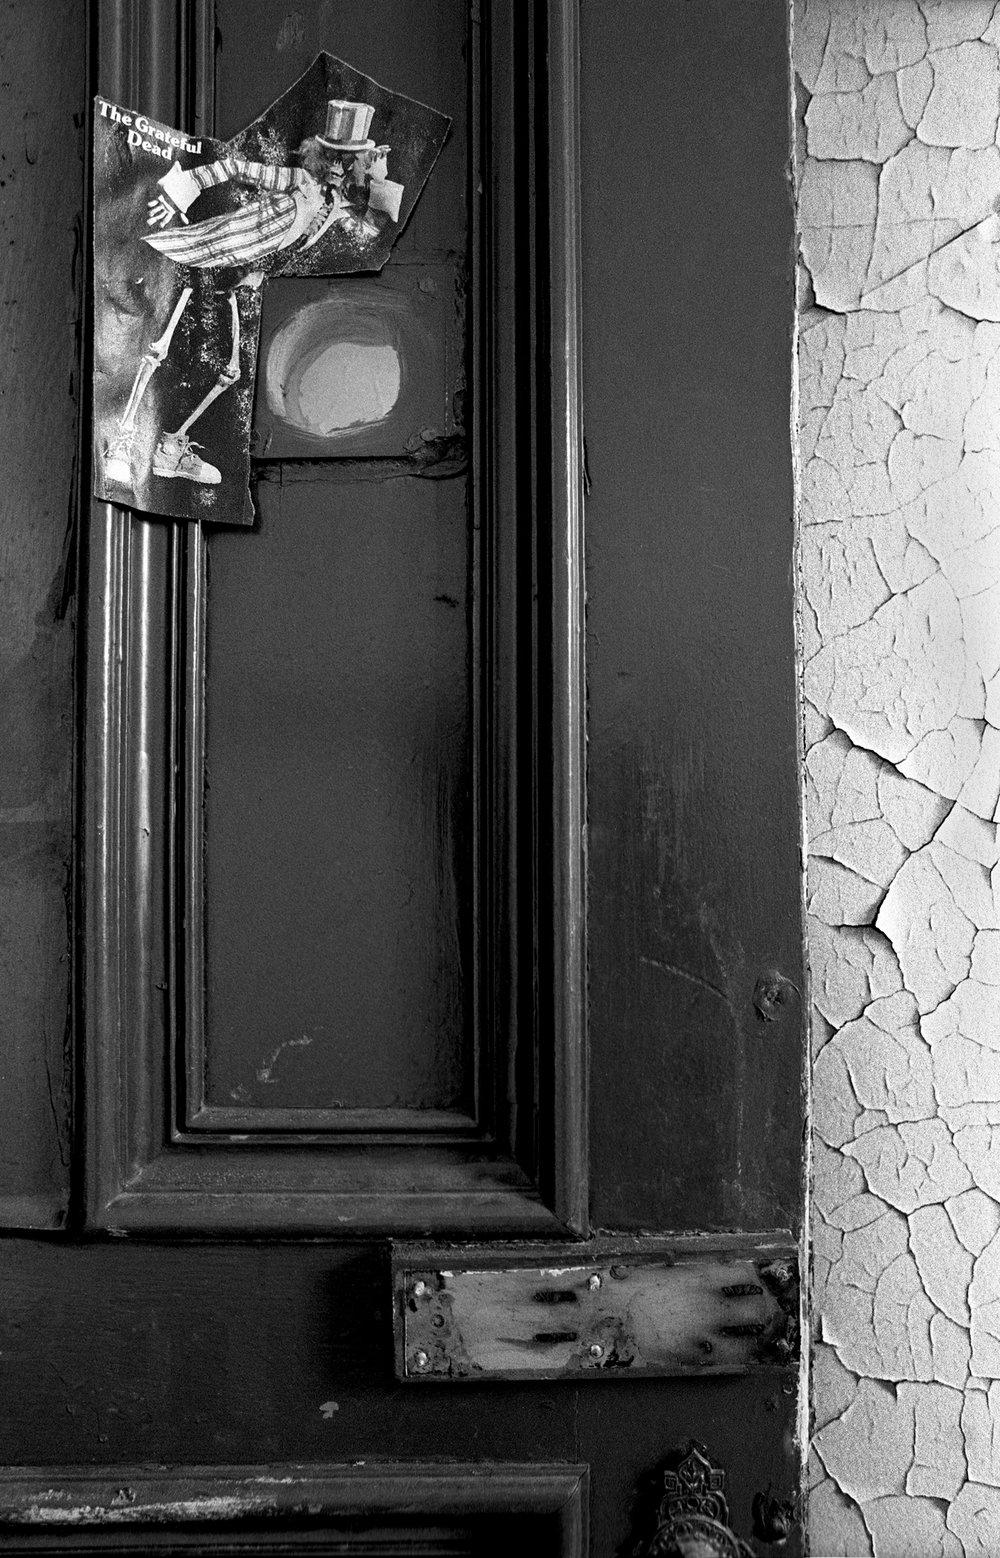 Gtreatful Dead peephole.jpg